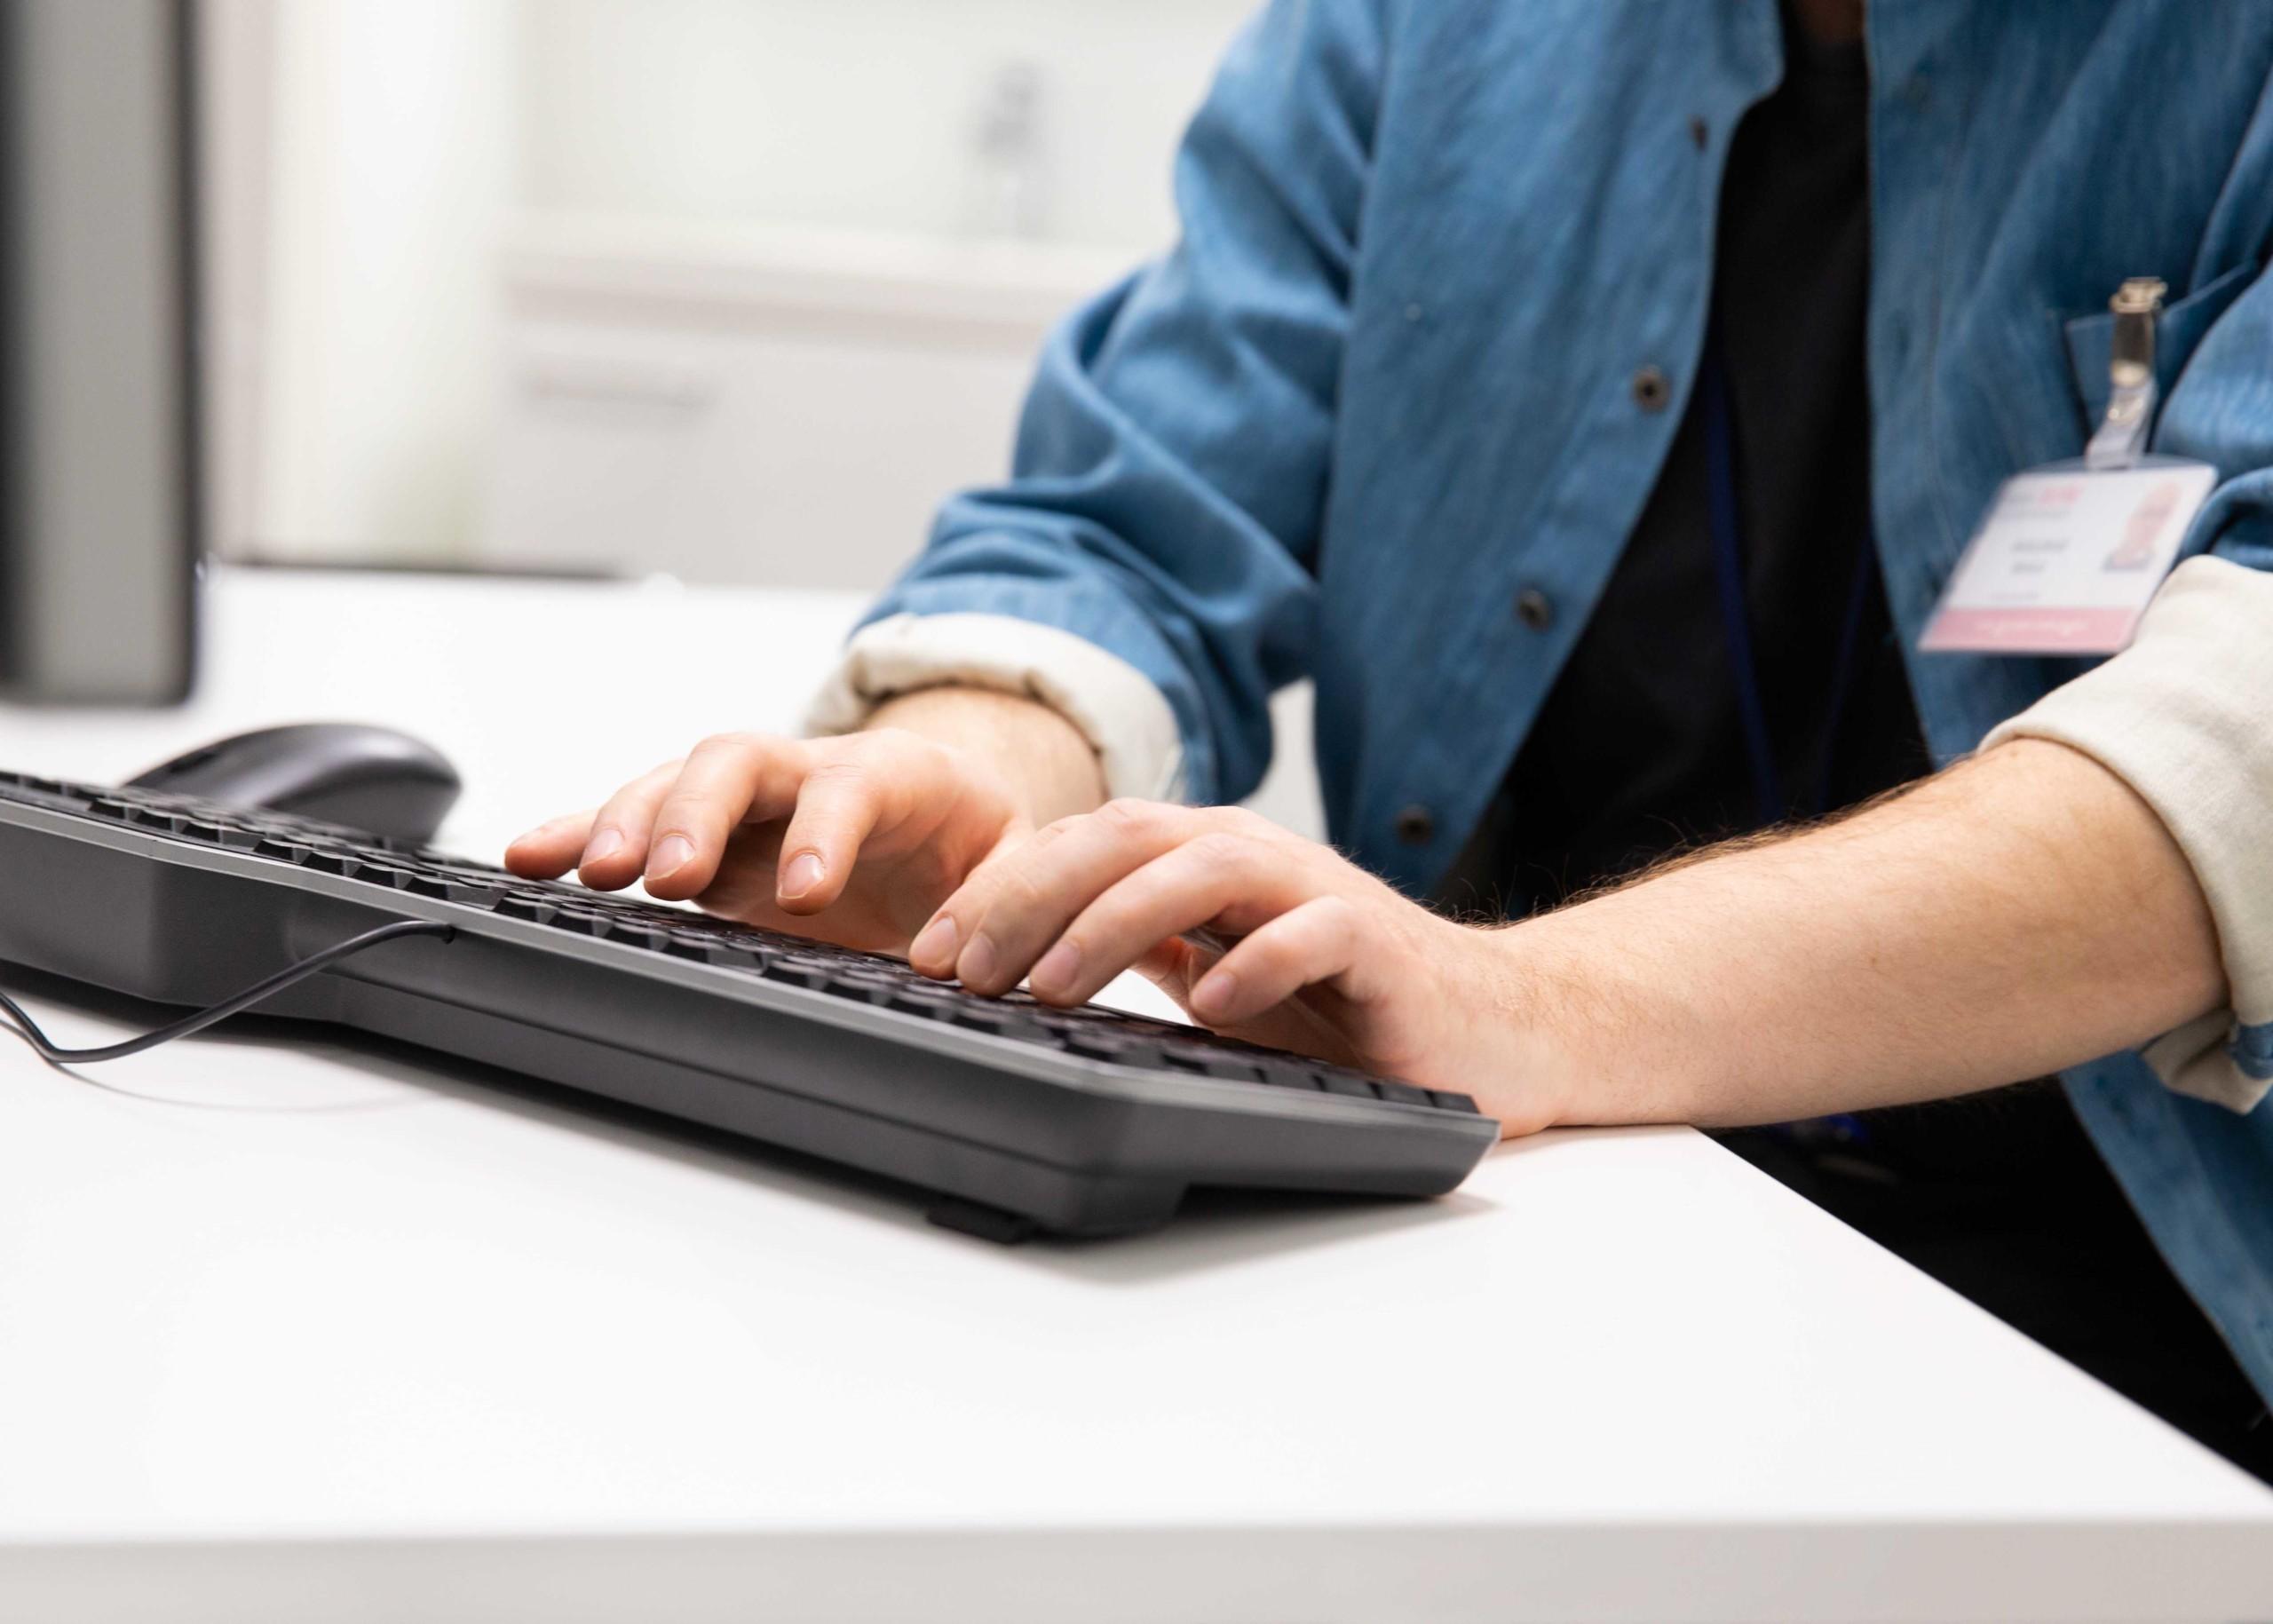 Siniseen paitaan pukeutunut henkilö kädet tietokoneen näppäimillä.